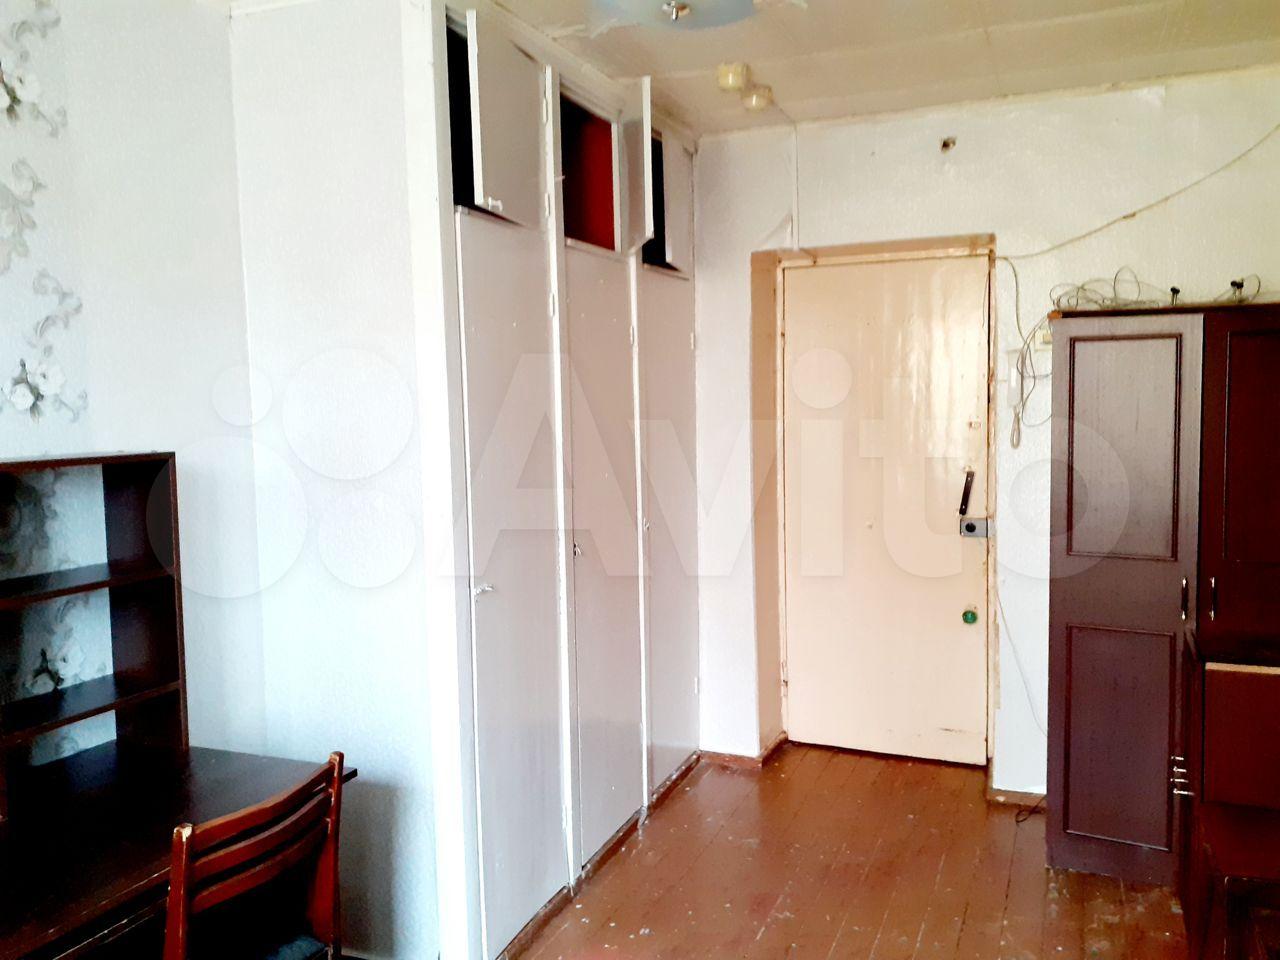 Zimmer 12 m2 in 1 -, 2/9 at.  89120230509 kaufen 2